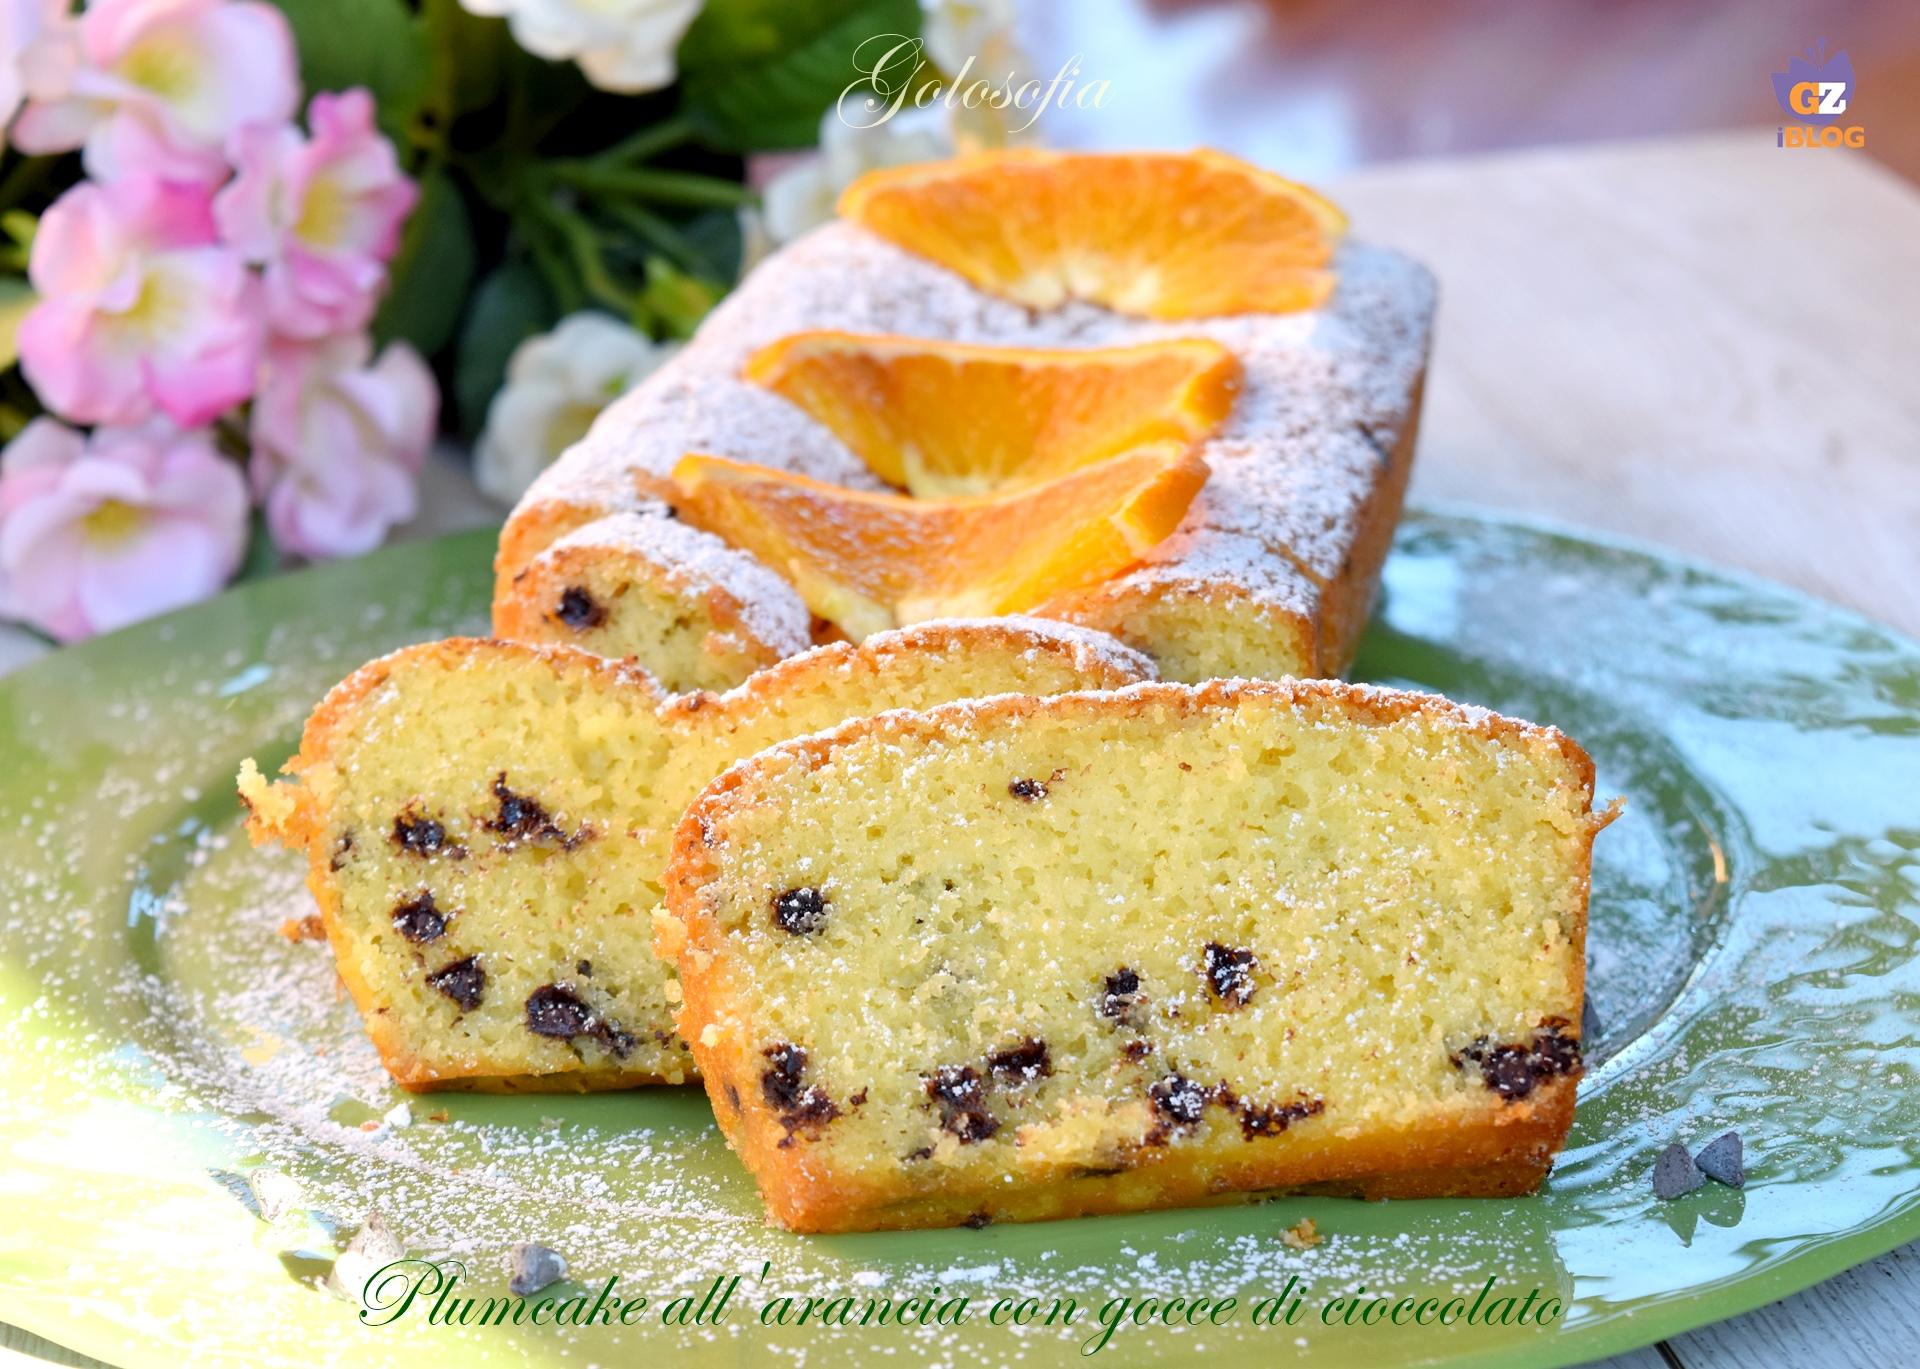 Plumcake all'arancia con Gocce di Cioccolato, Ricetta Soffice Favolosa